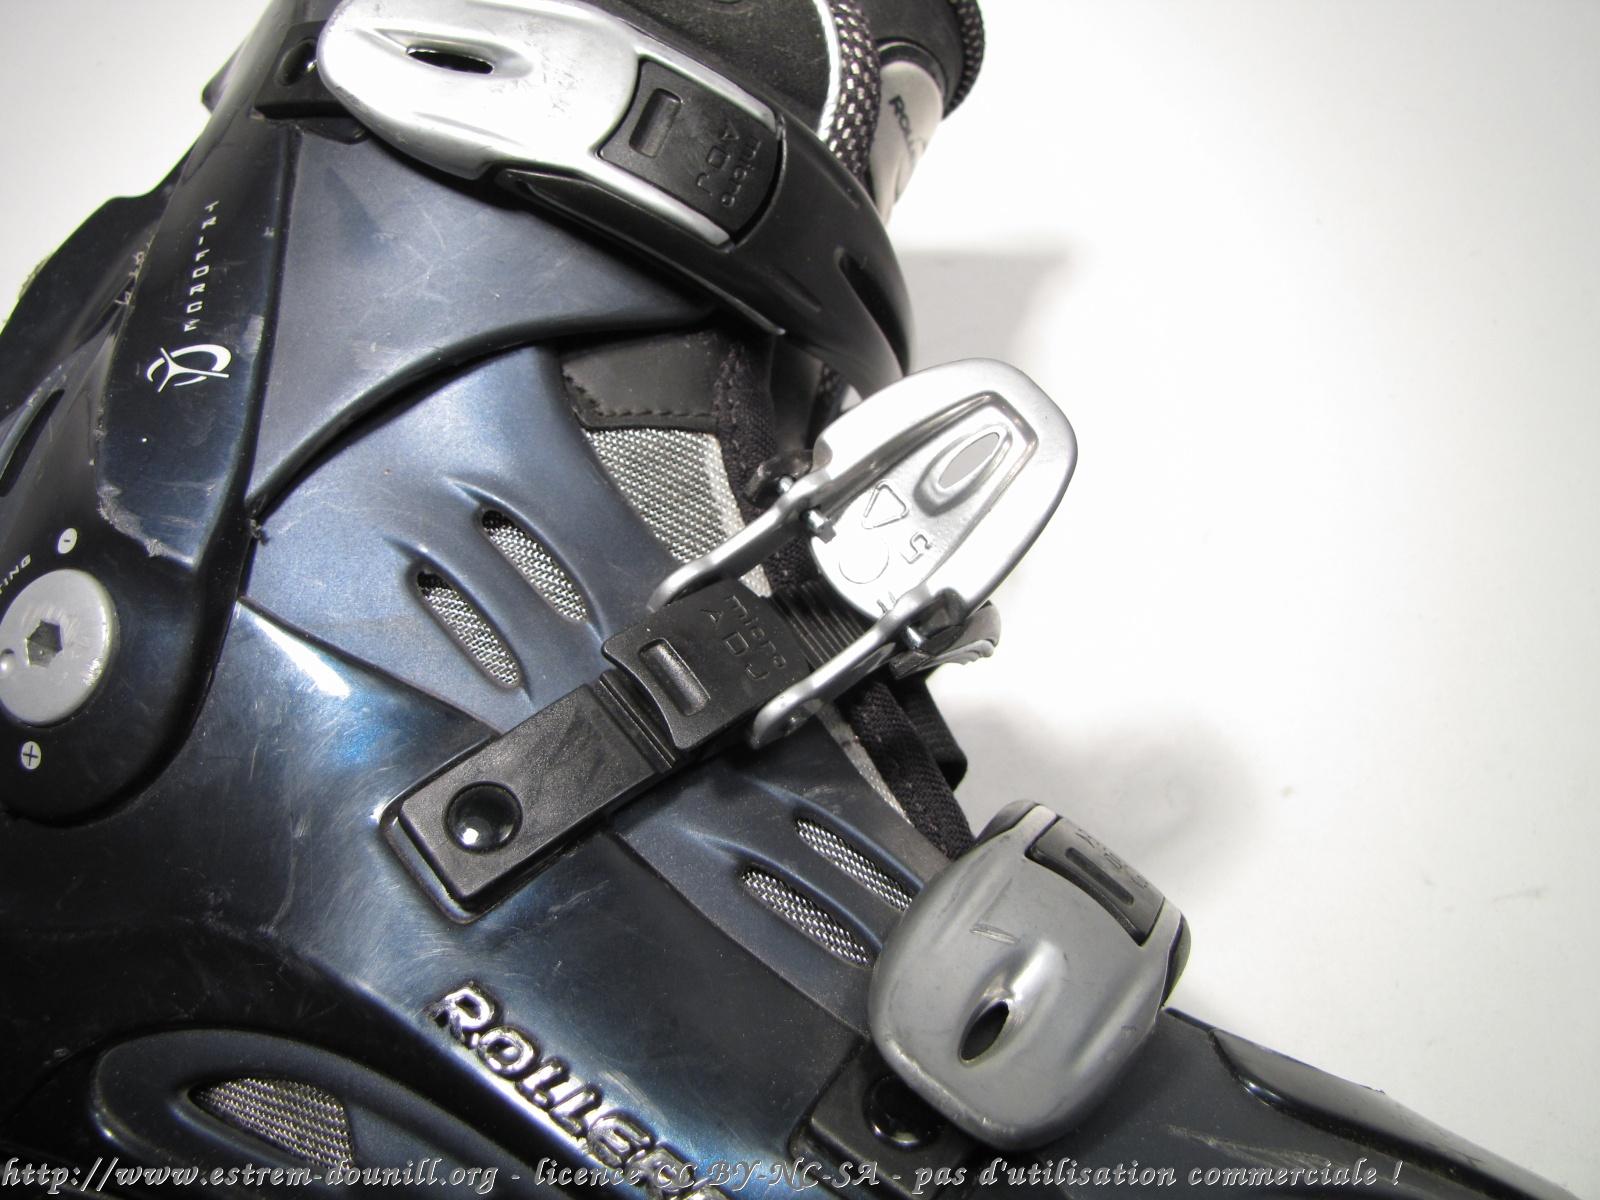 rollerblade_e4-4__reglage_boucle_serre